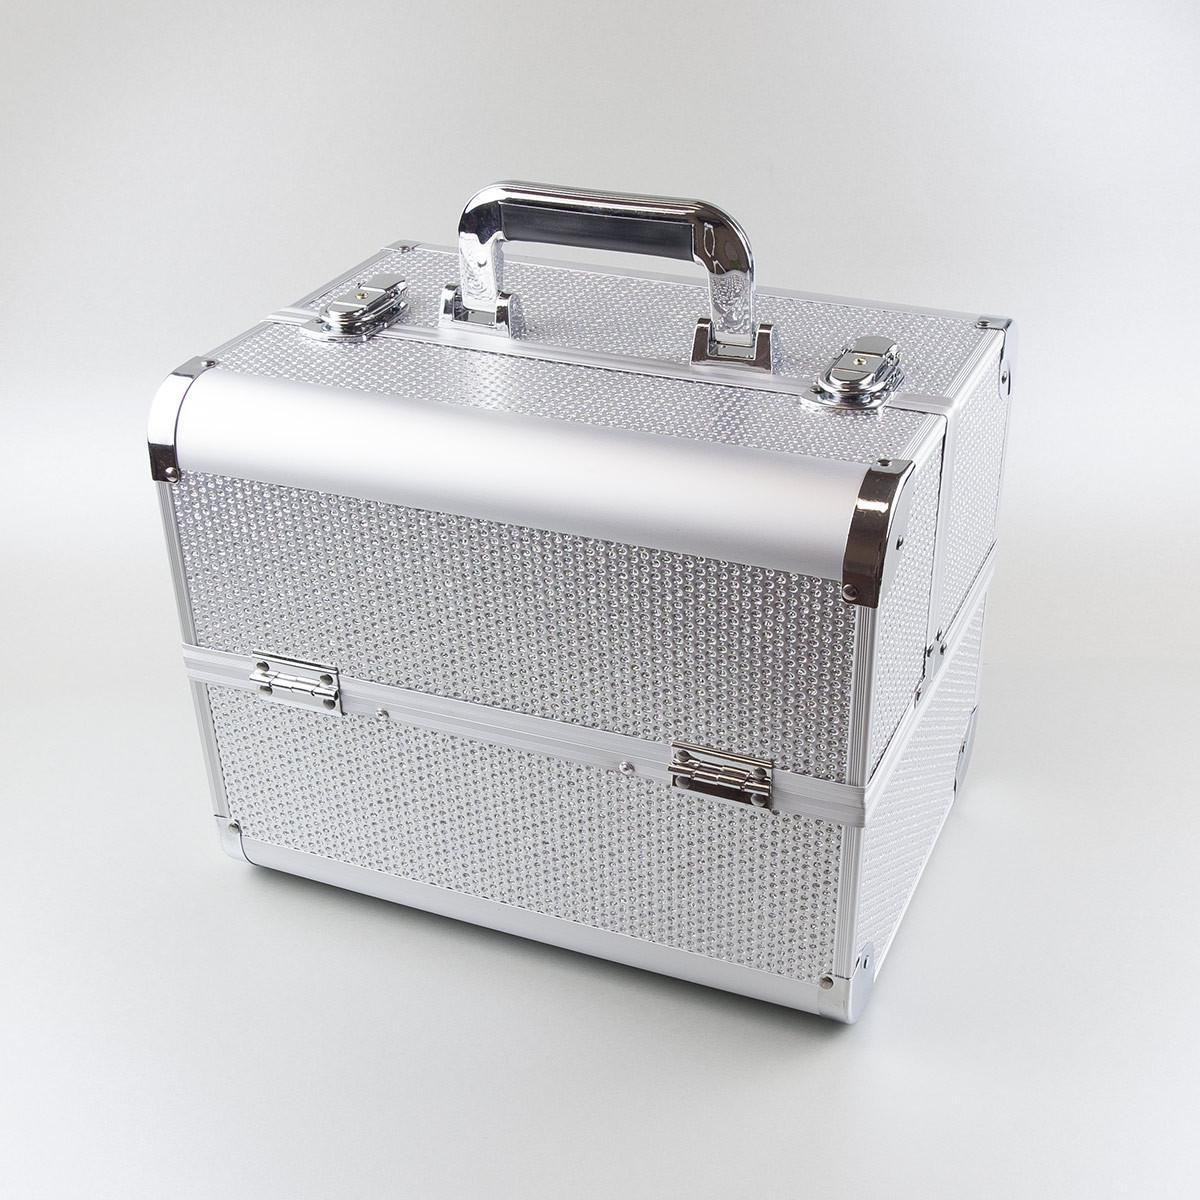 Ráj nehtů Kosmetický kufřík SENSE - glitter, stříbrný